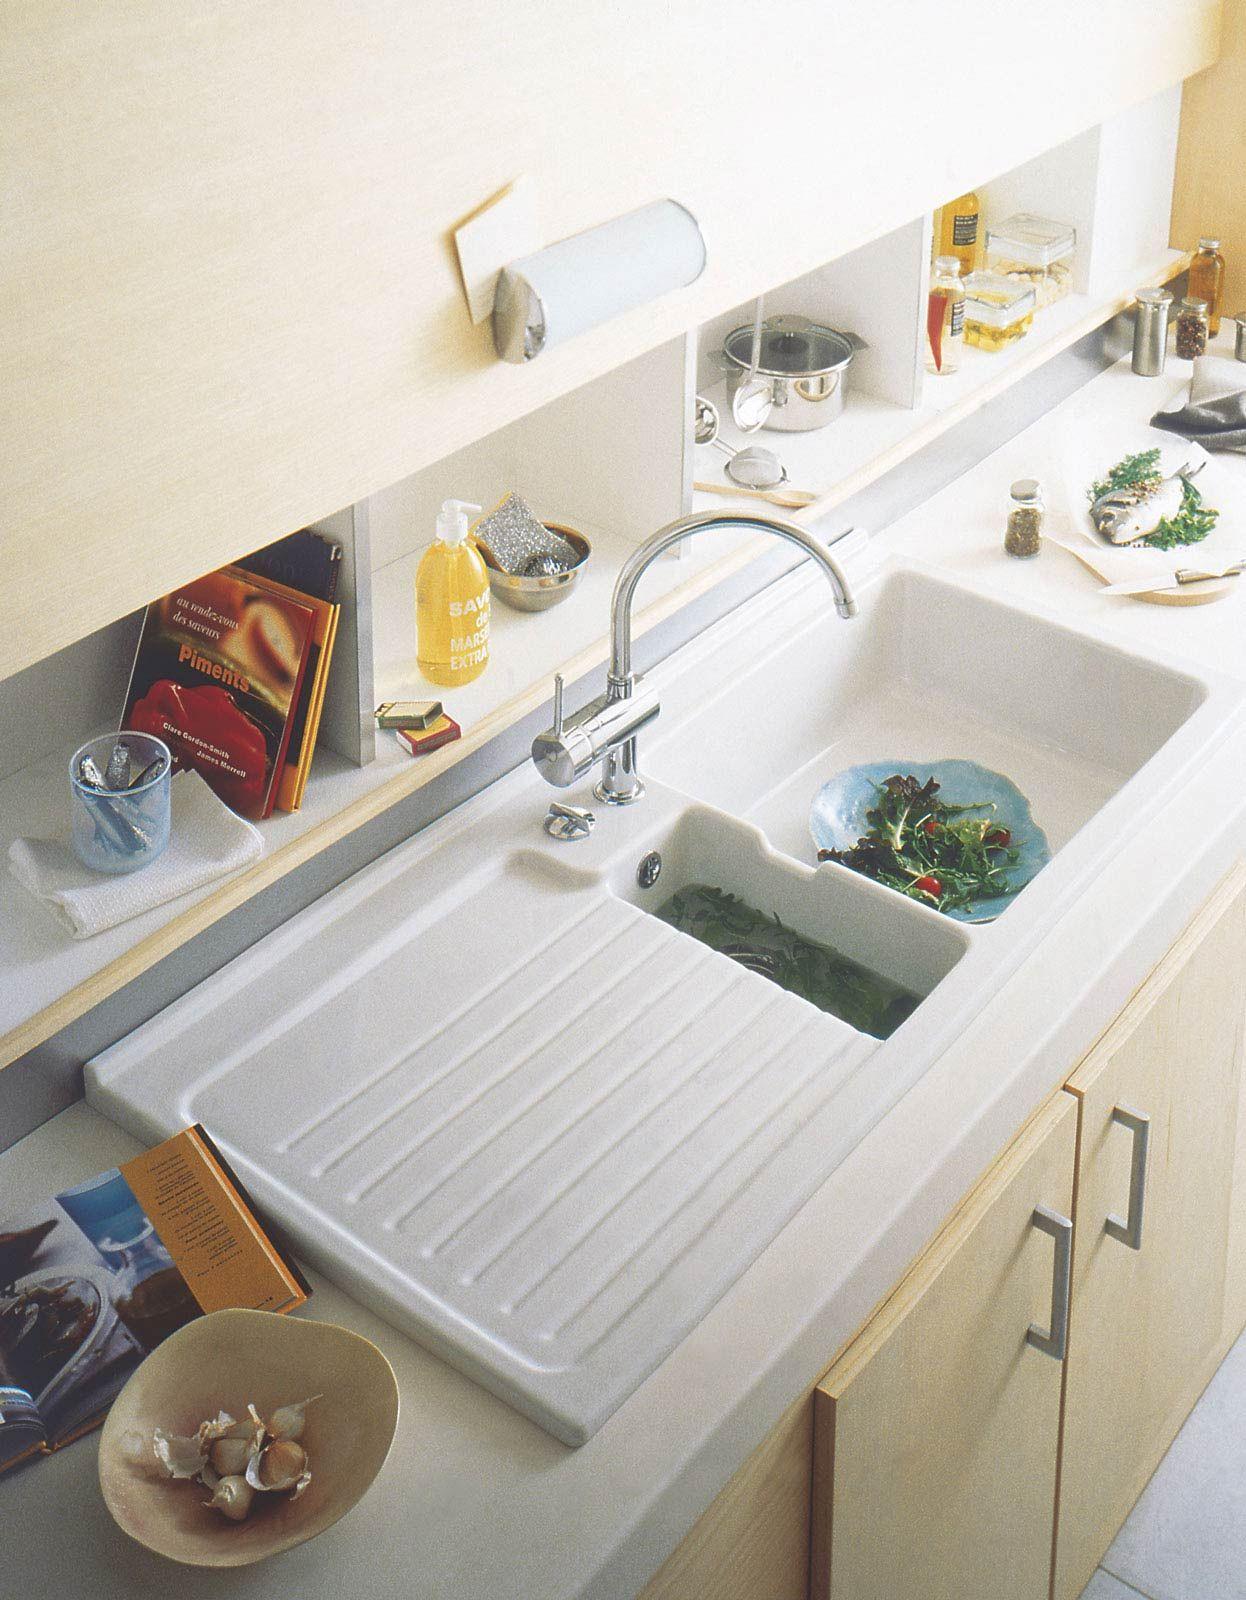 rangement derri re l 39 vier vier de cuisine encastrer c ramique 1 bac gouttoir espace. Black Bedroom Furniture Sets. Home Design Ideas